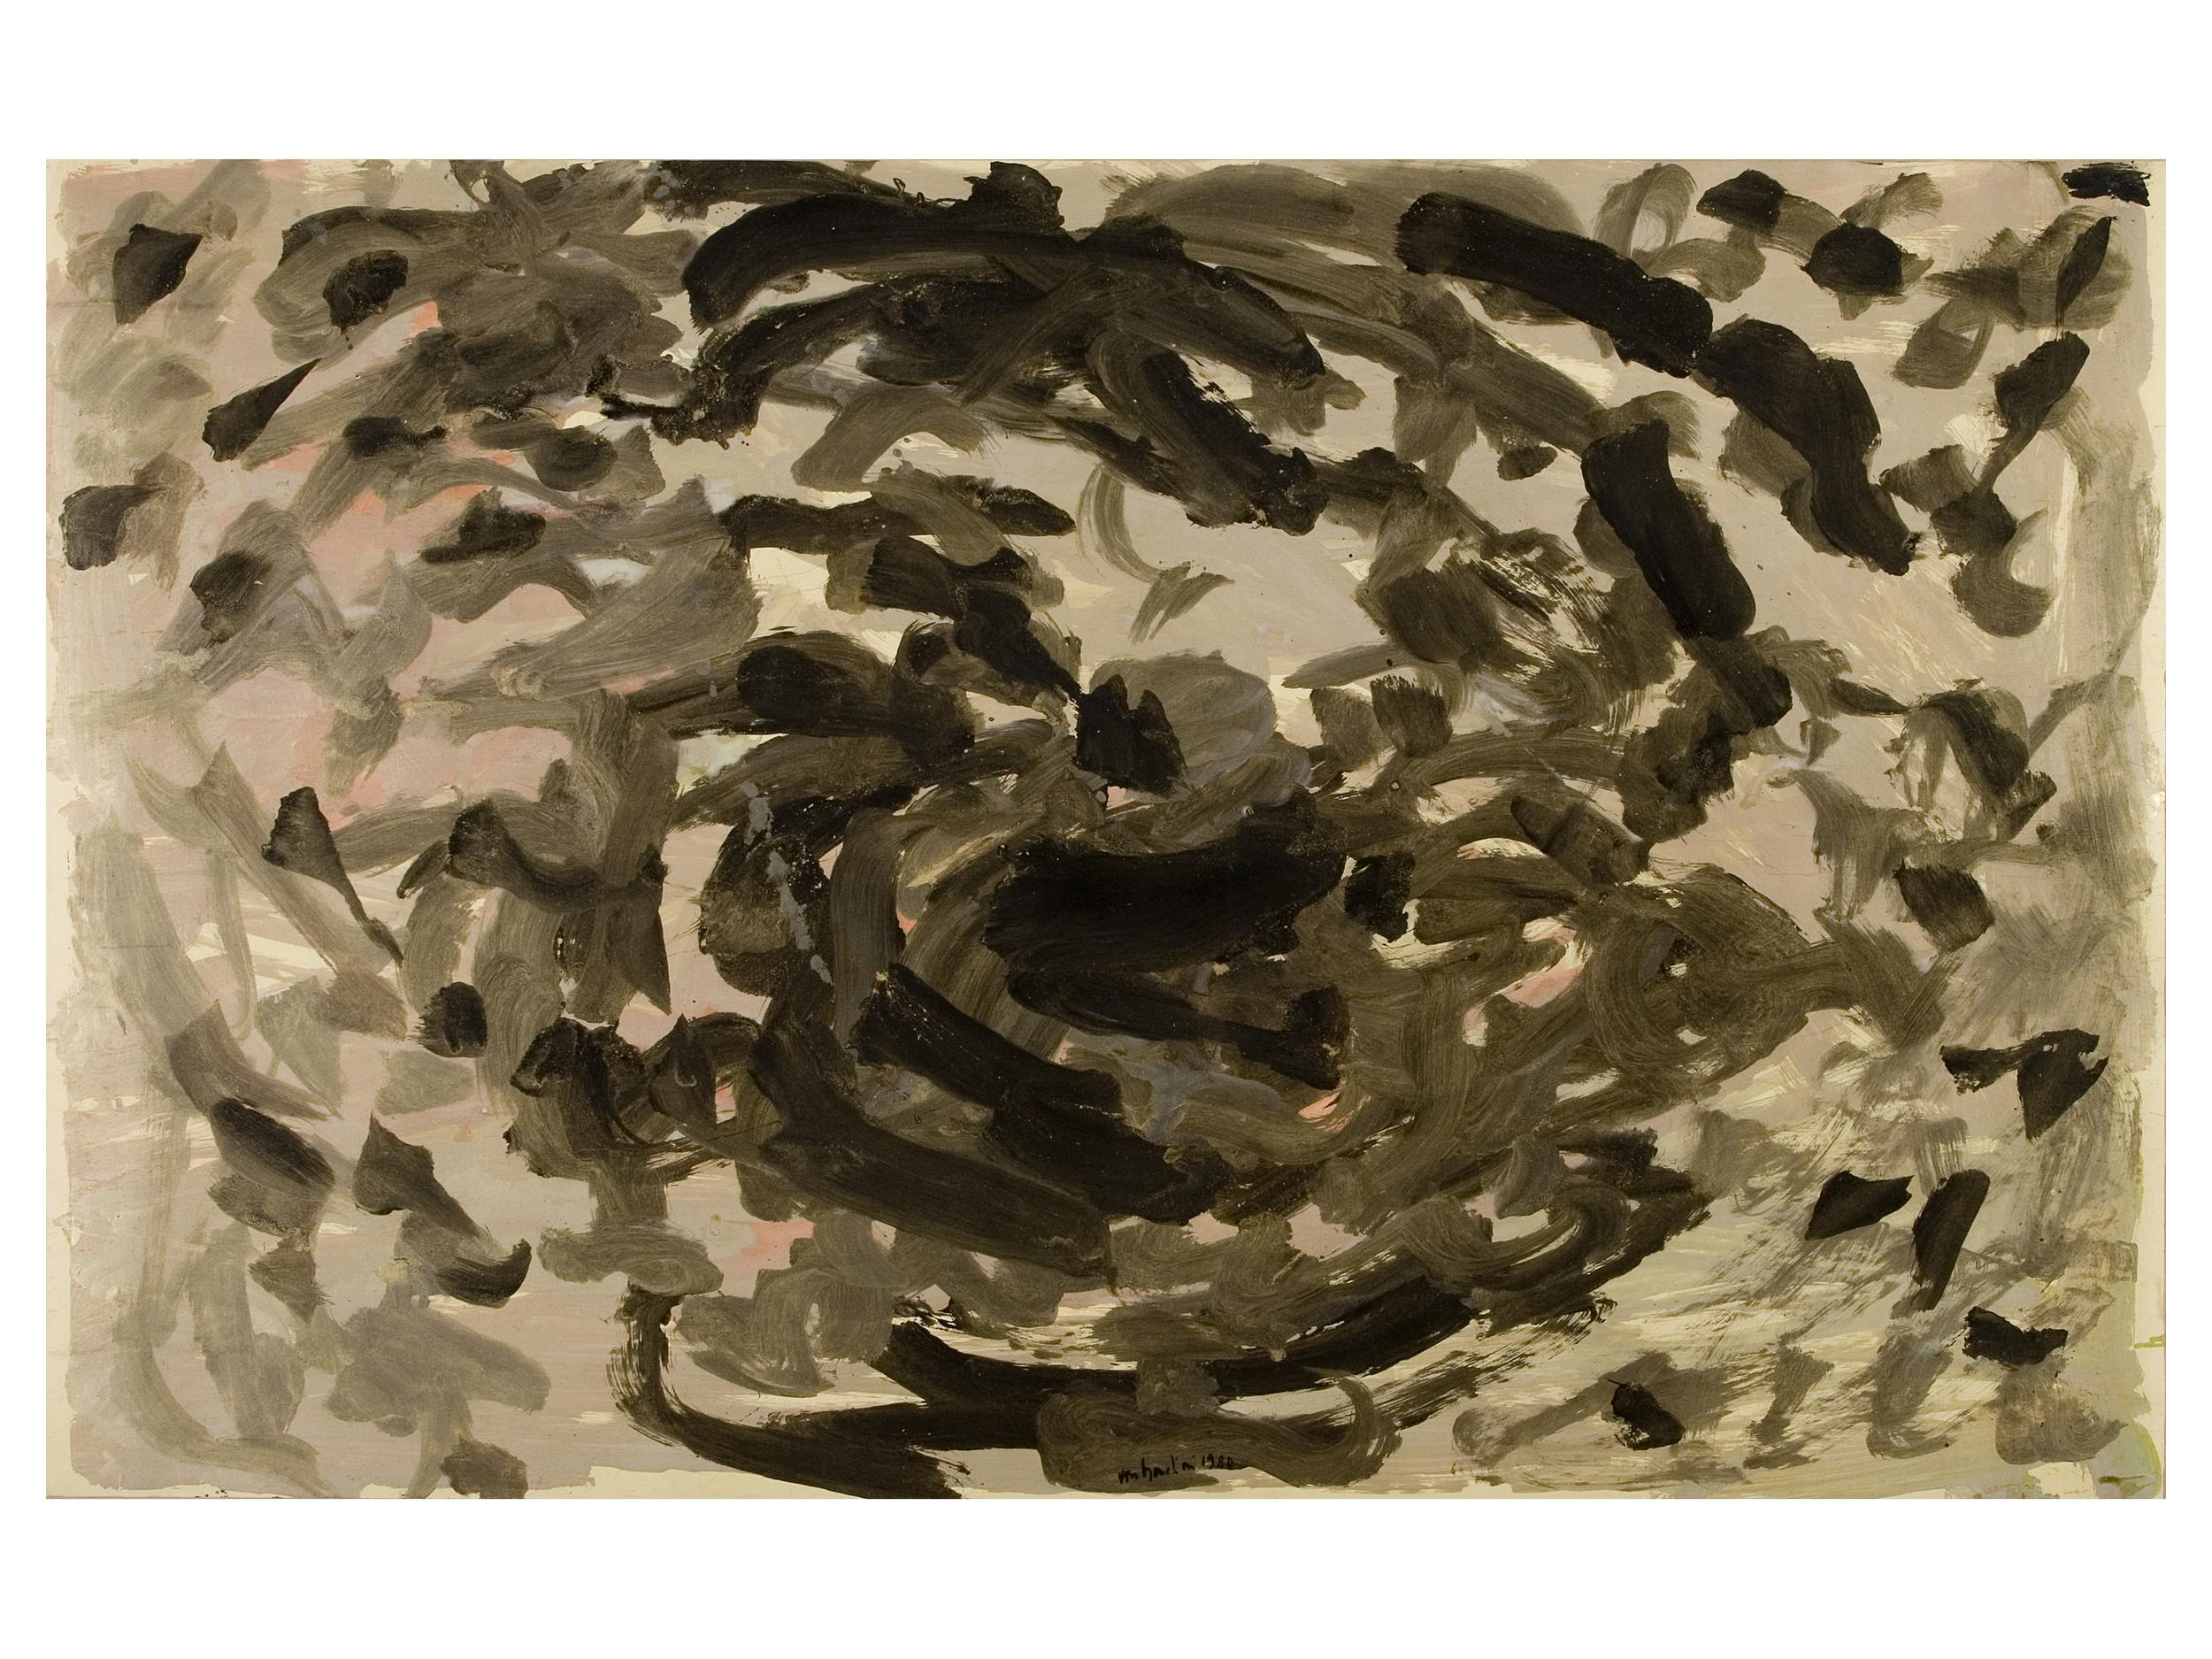 senza titolo, 1980, tempera acrilica e polveri d'oro su carta intelata, cm 150 x 237  untitled, 1980, acrylic tempera and gold dust on canvassed paper, cm 150 x 237